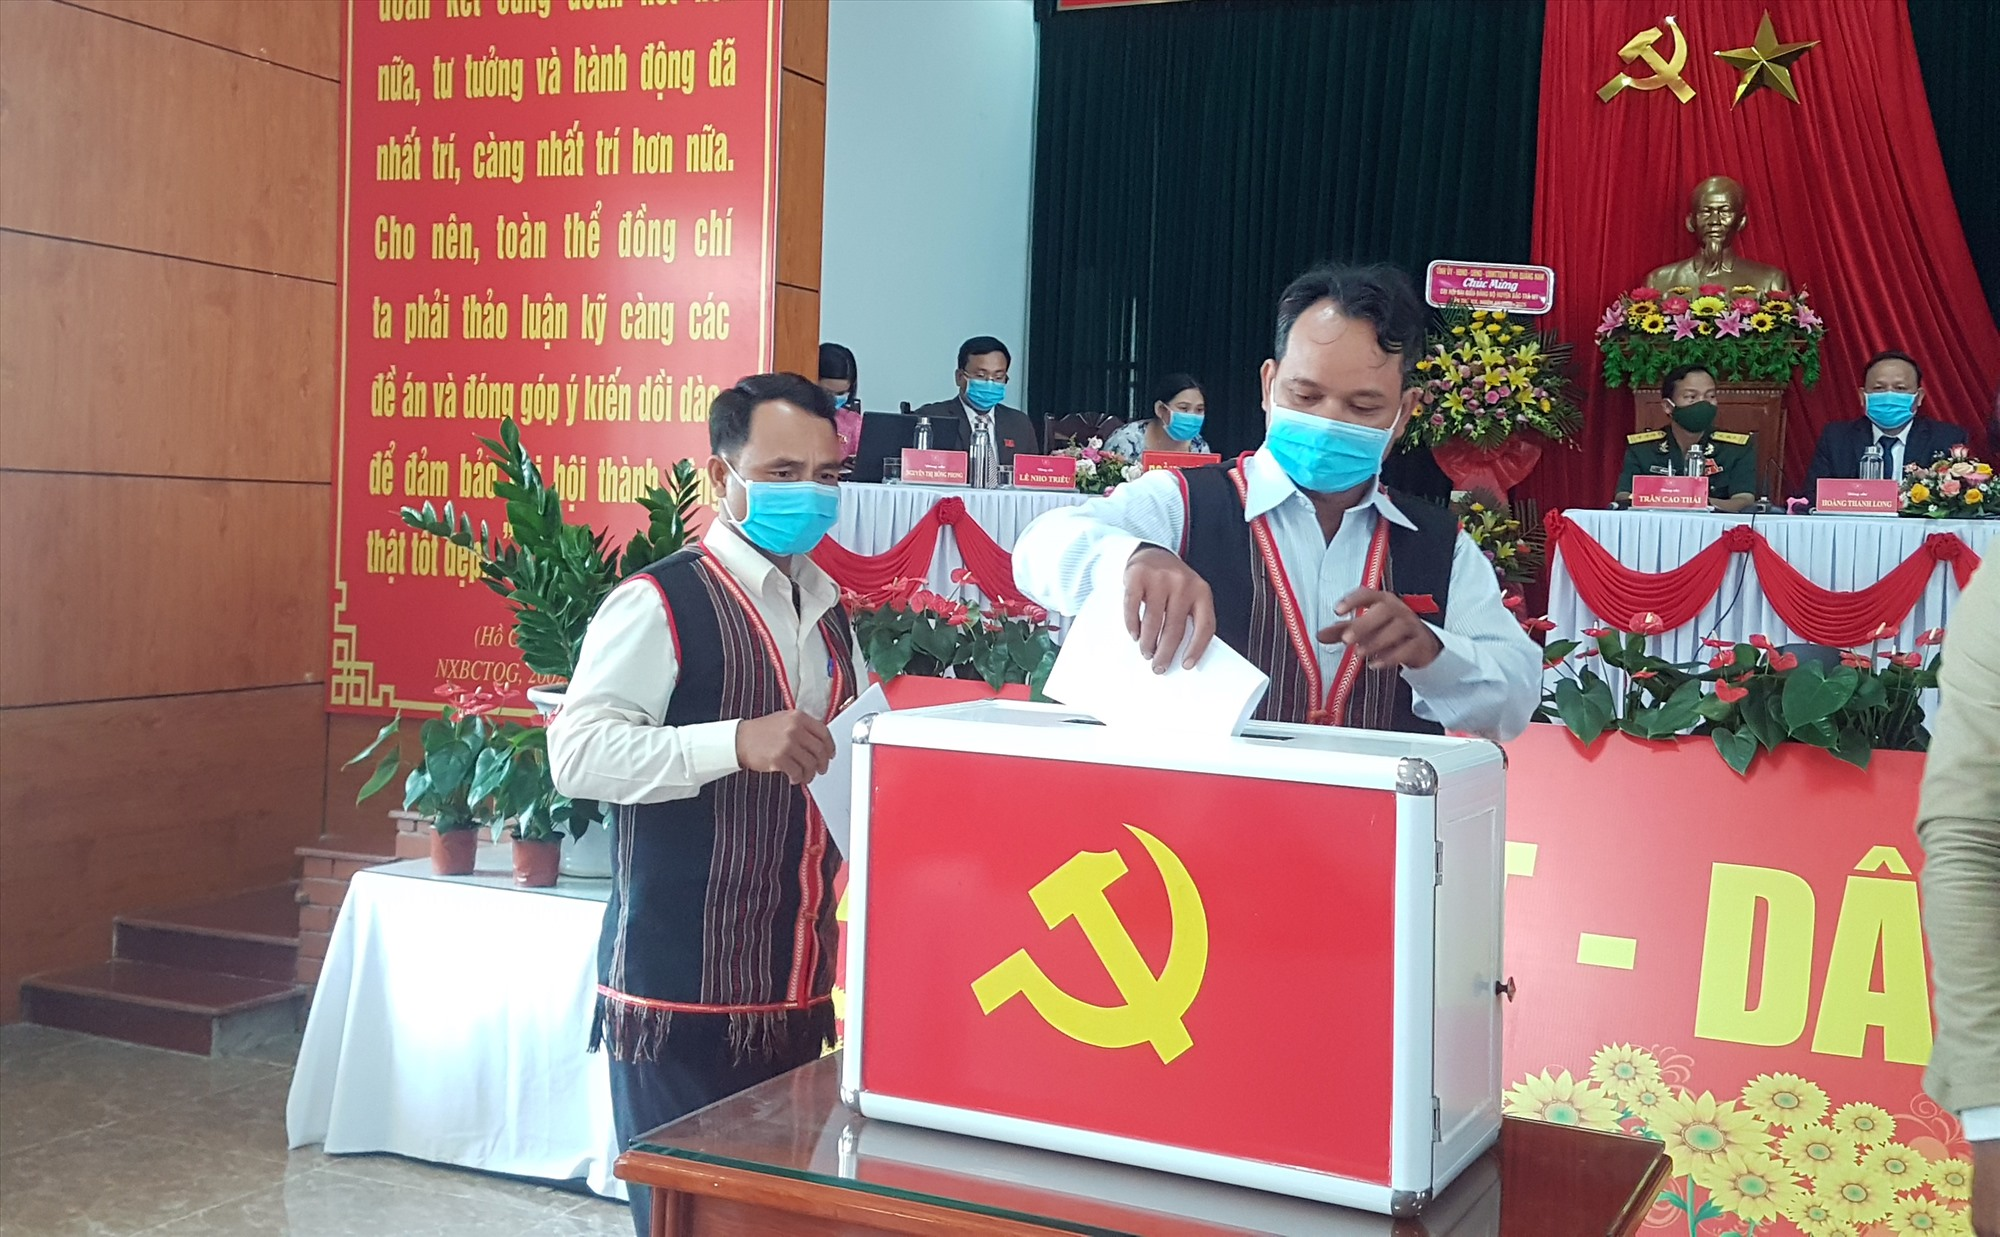 Đại biểu tham gia Đại hội bỏ phiếu bầu Ban chấp hành Đảng bộ huyện Bắc Trà My nhiệm kỳ 2020 - 2025. Ảnh: D.L